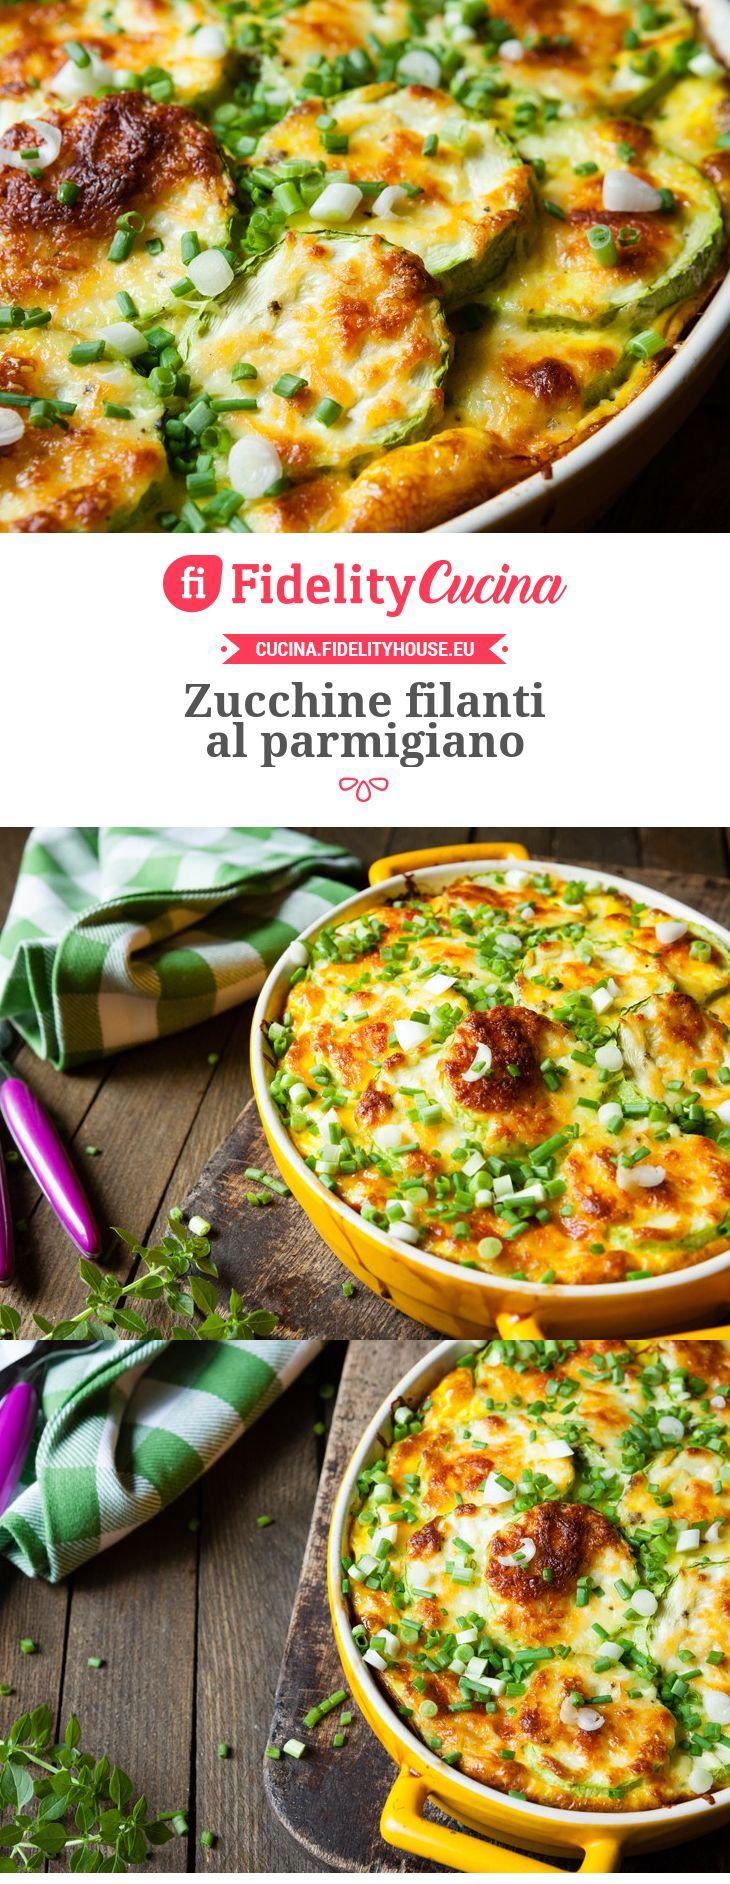 Zucchine filanti al parmigiano